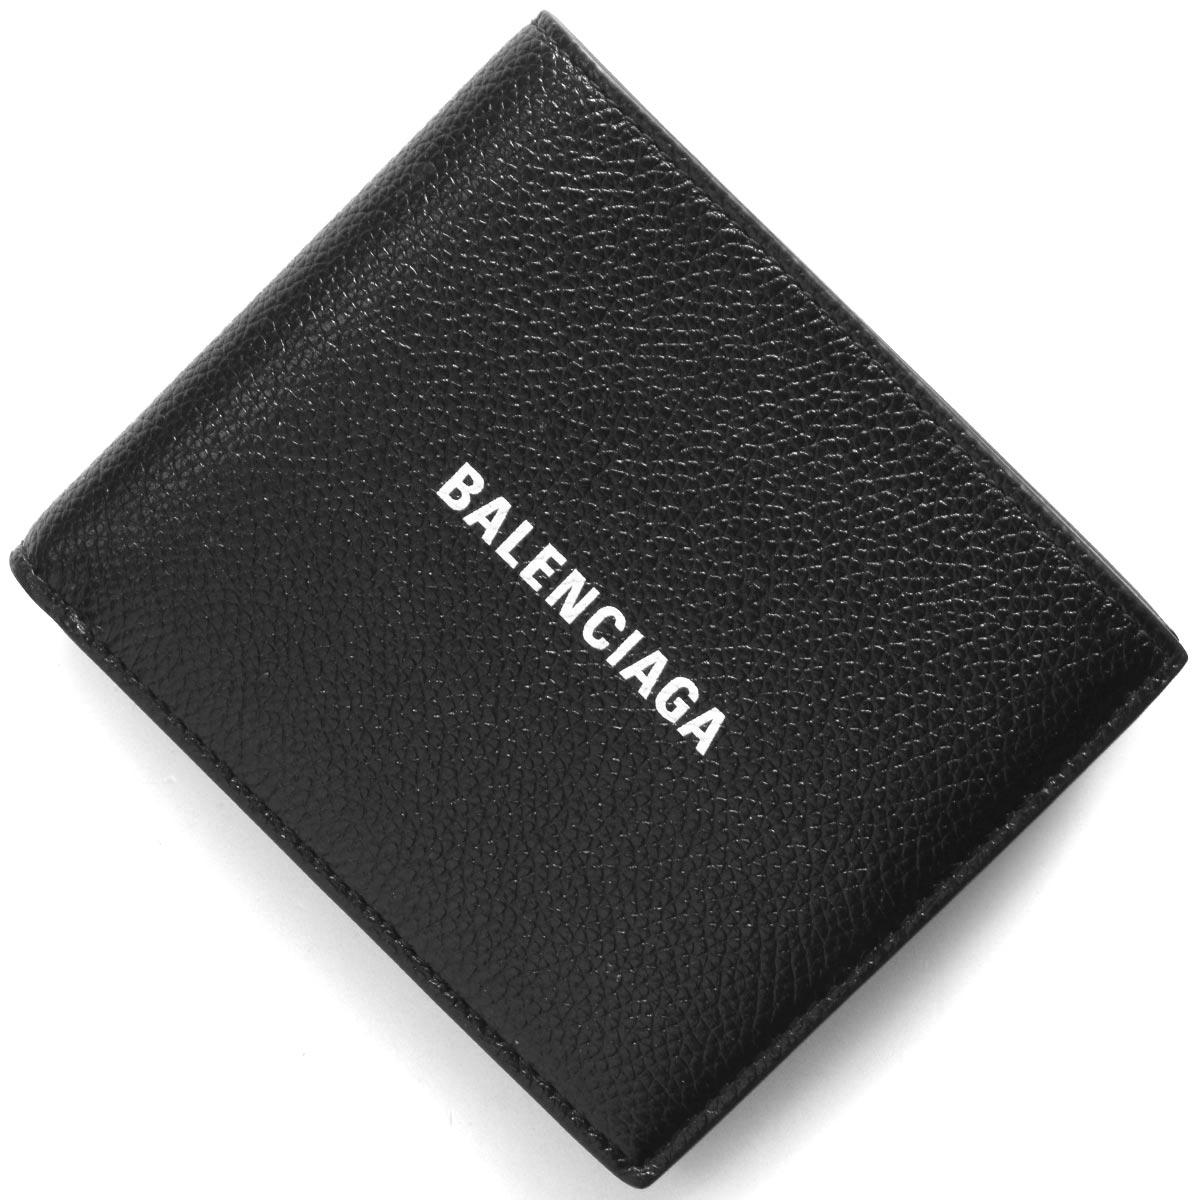 バレンシアガ 二つ折り財布 財布 メンズ レディース キャッシュ ブラック&ブランホワイト 594315 1IZI3 1090 2020年春夏新作 BALENCIAGA